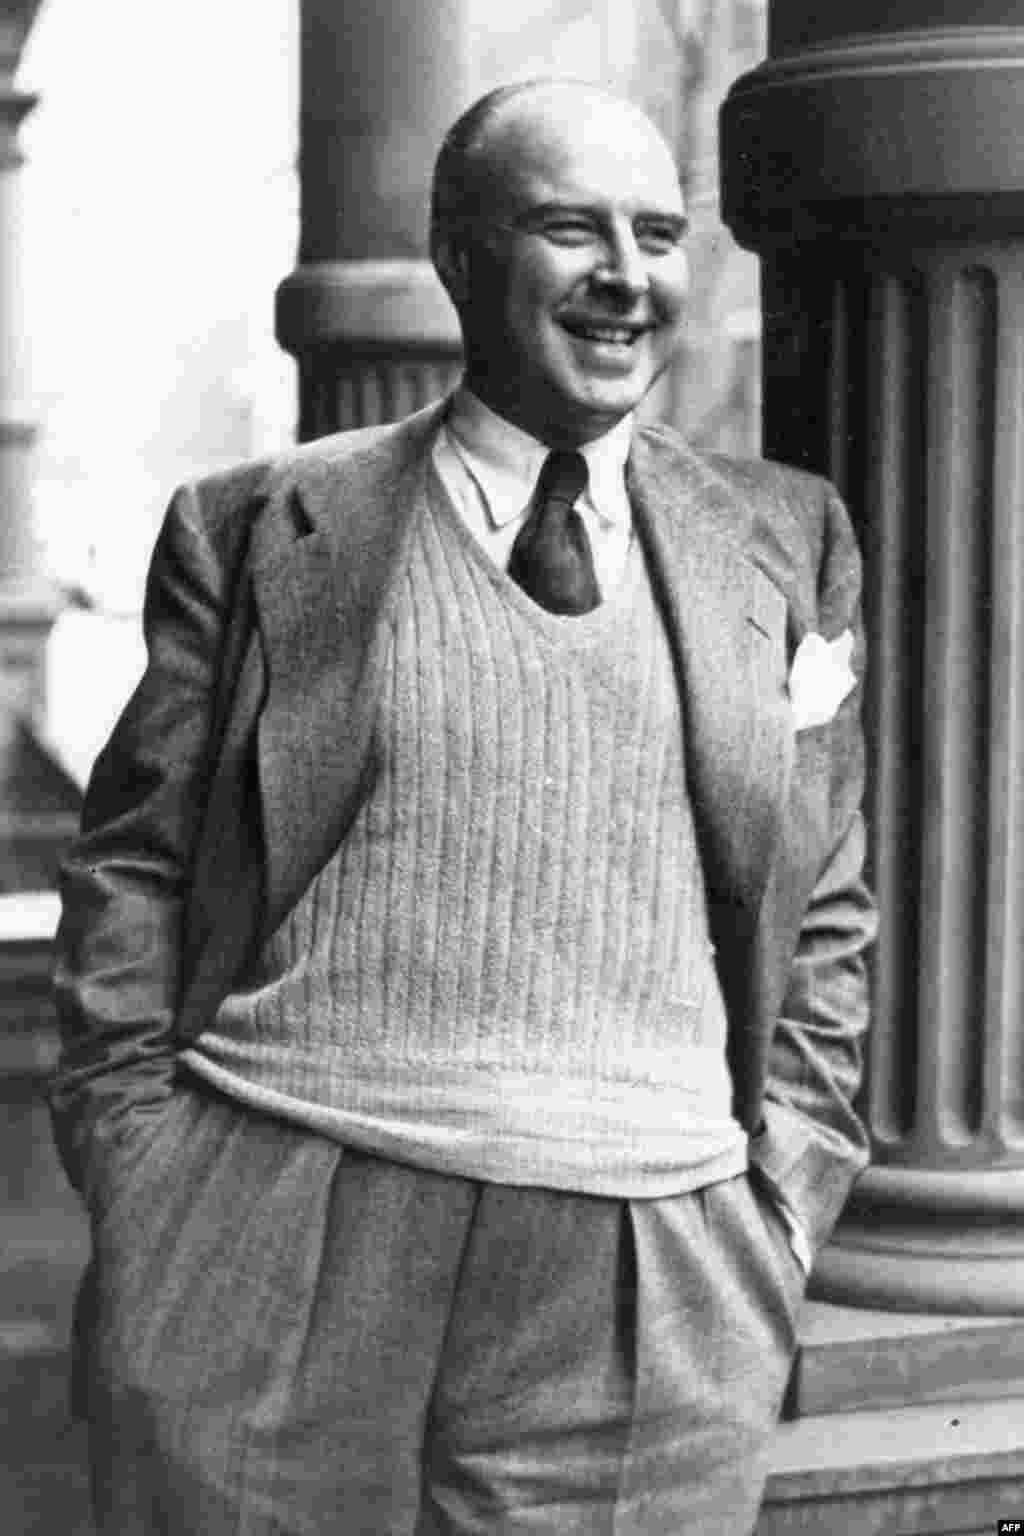 John Houseman, Giám đốc đầu tiên của VOA từ 1942 đến 1944.